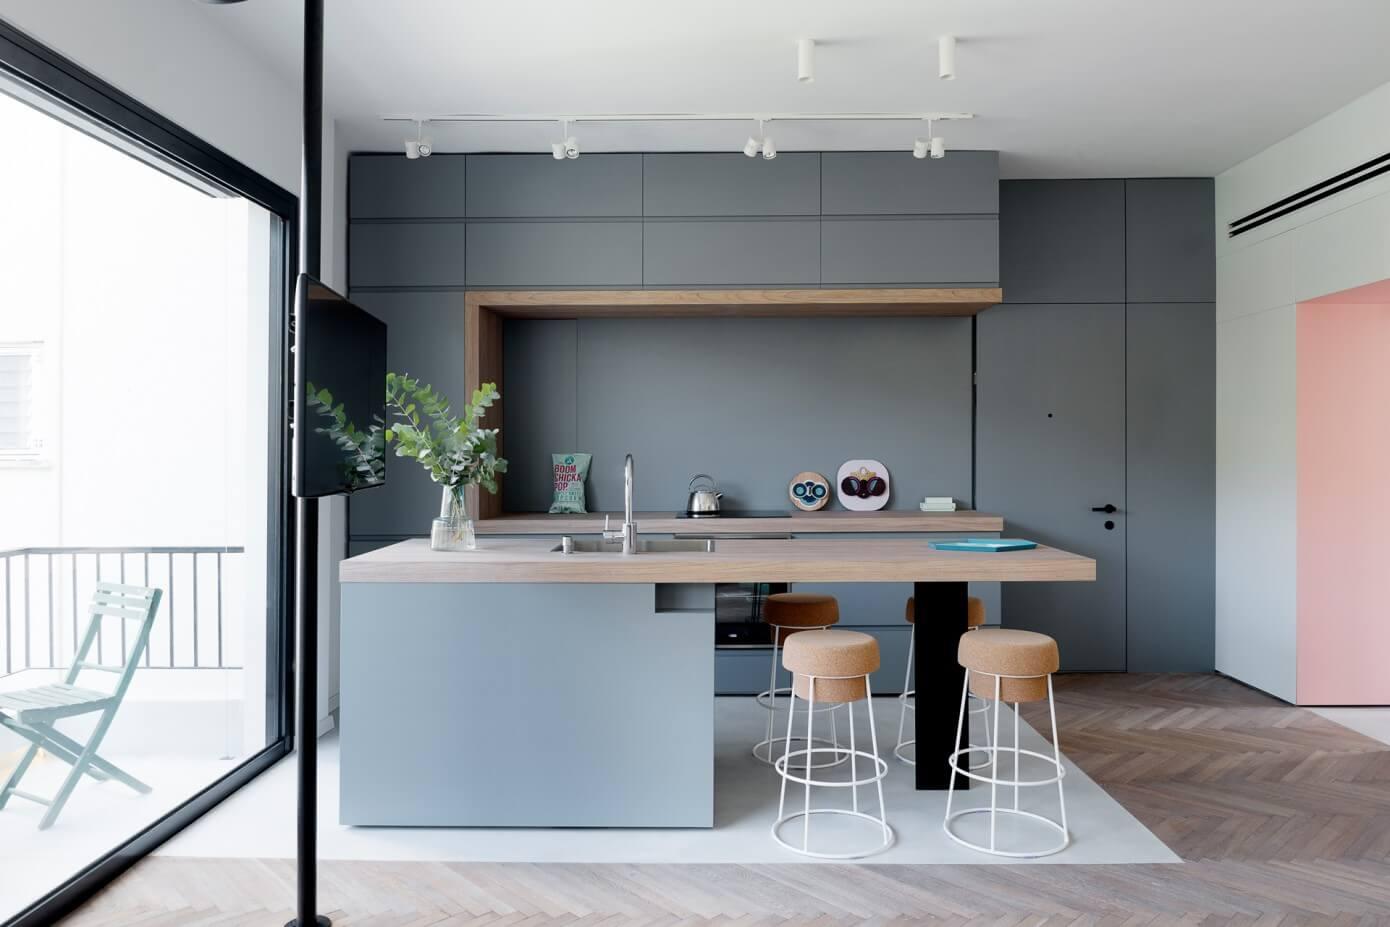 interior kitchen the home tel aviv design | Tel Aviv Apartment by Maayan Zusman Interior Design ...